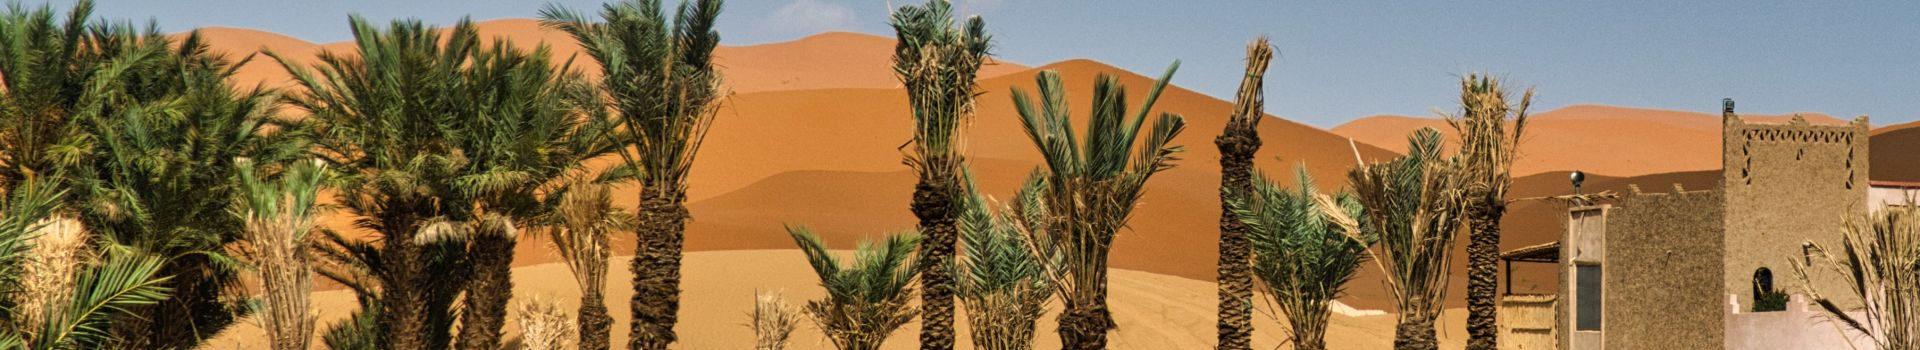 [Erlebnisbericht] Die fantastische Sandwüste bei Merzouga